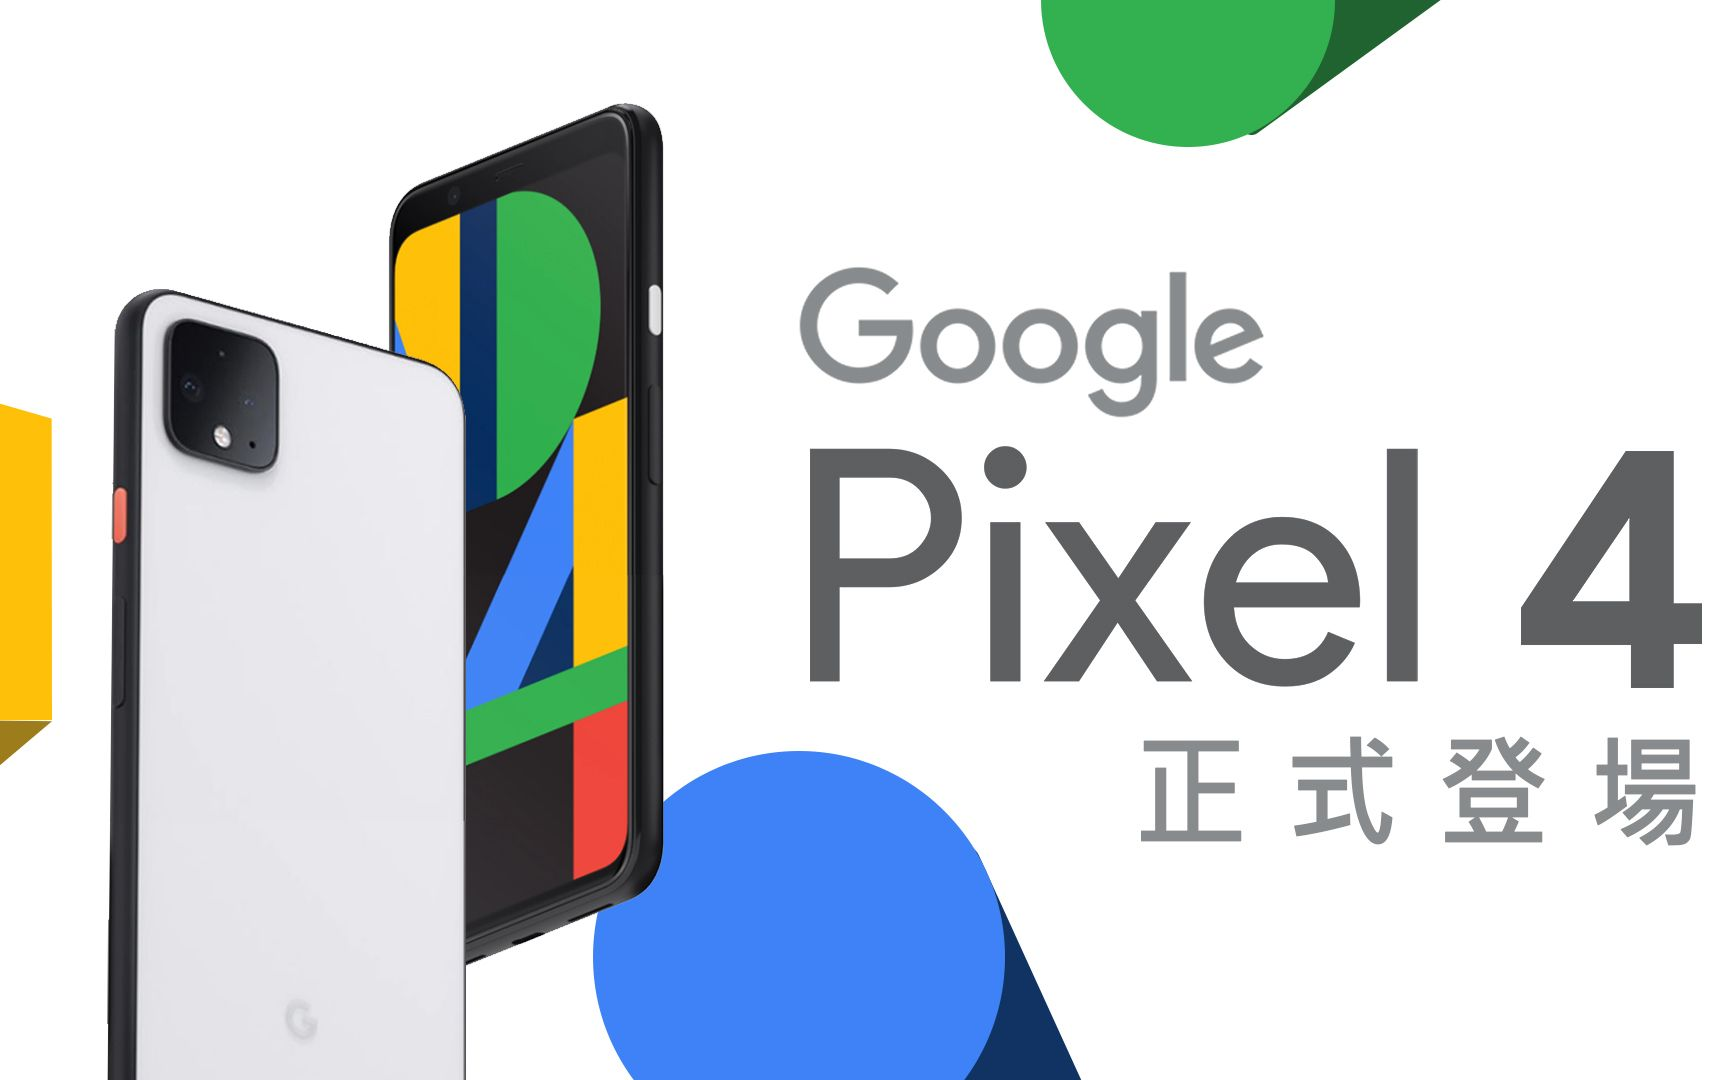 除了告诉你 google pixel 4 系列 值不值得买外,更让你能够一窥